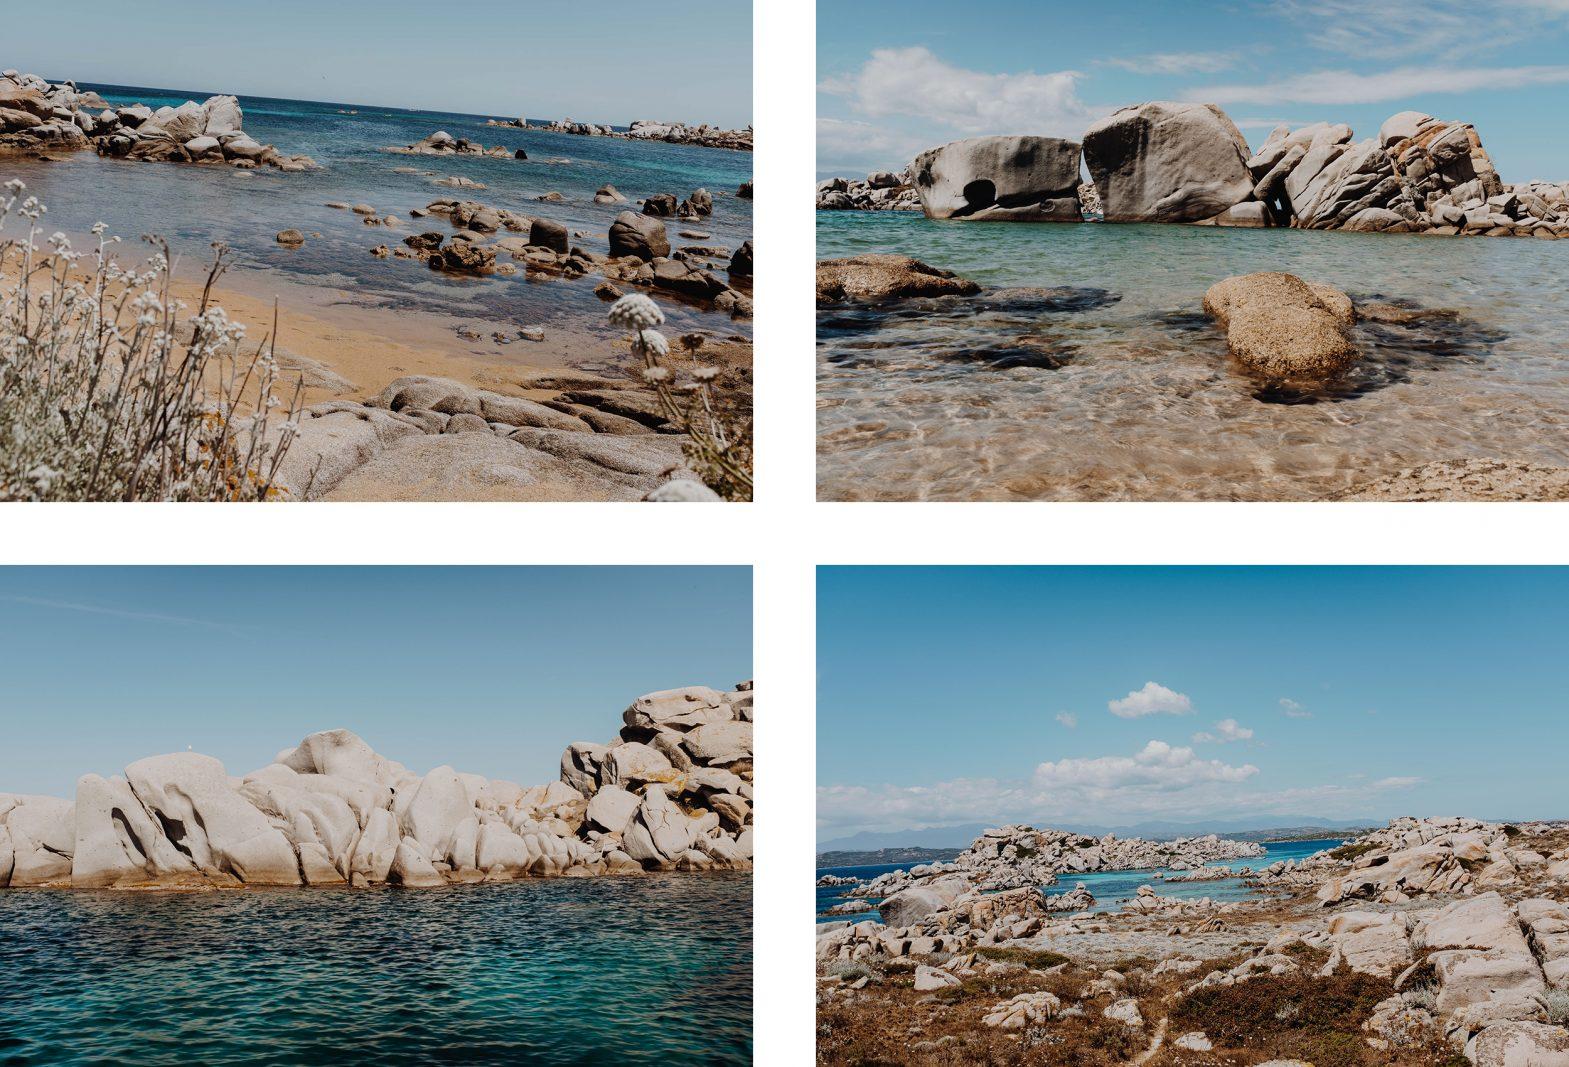 Photos & bonnes adresses Corse du Sud. Îles Lavezzi, belle photo des îles Lavezzi, mer turquoise. L'oeil de Noémie, photographe et blogueuse voyage.